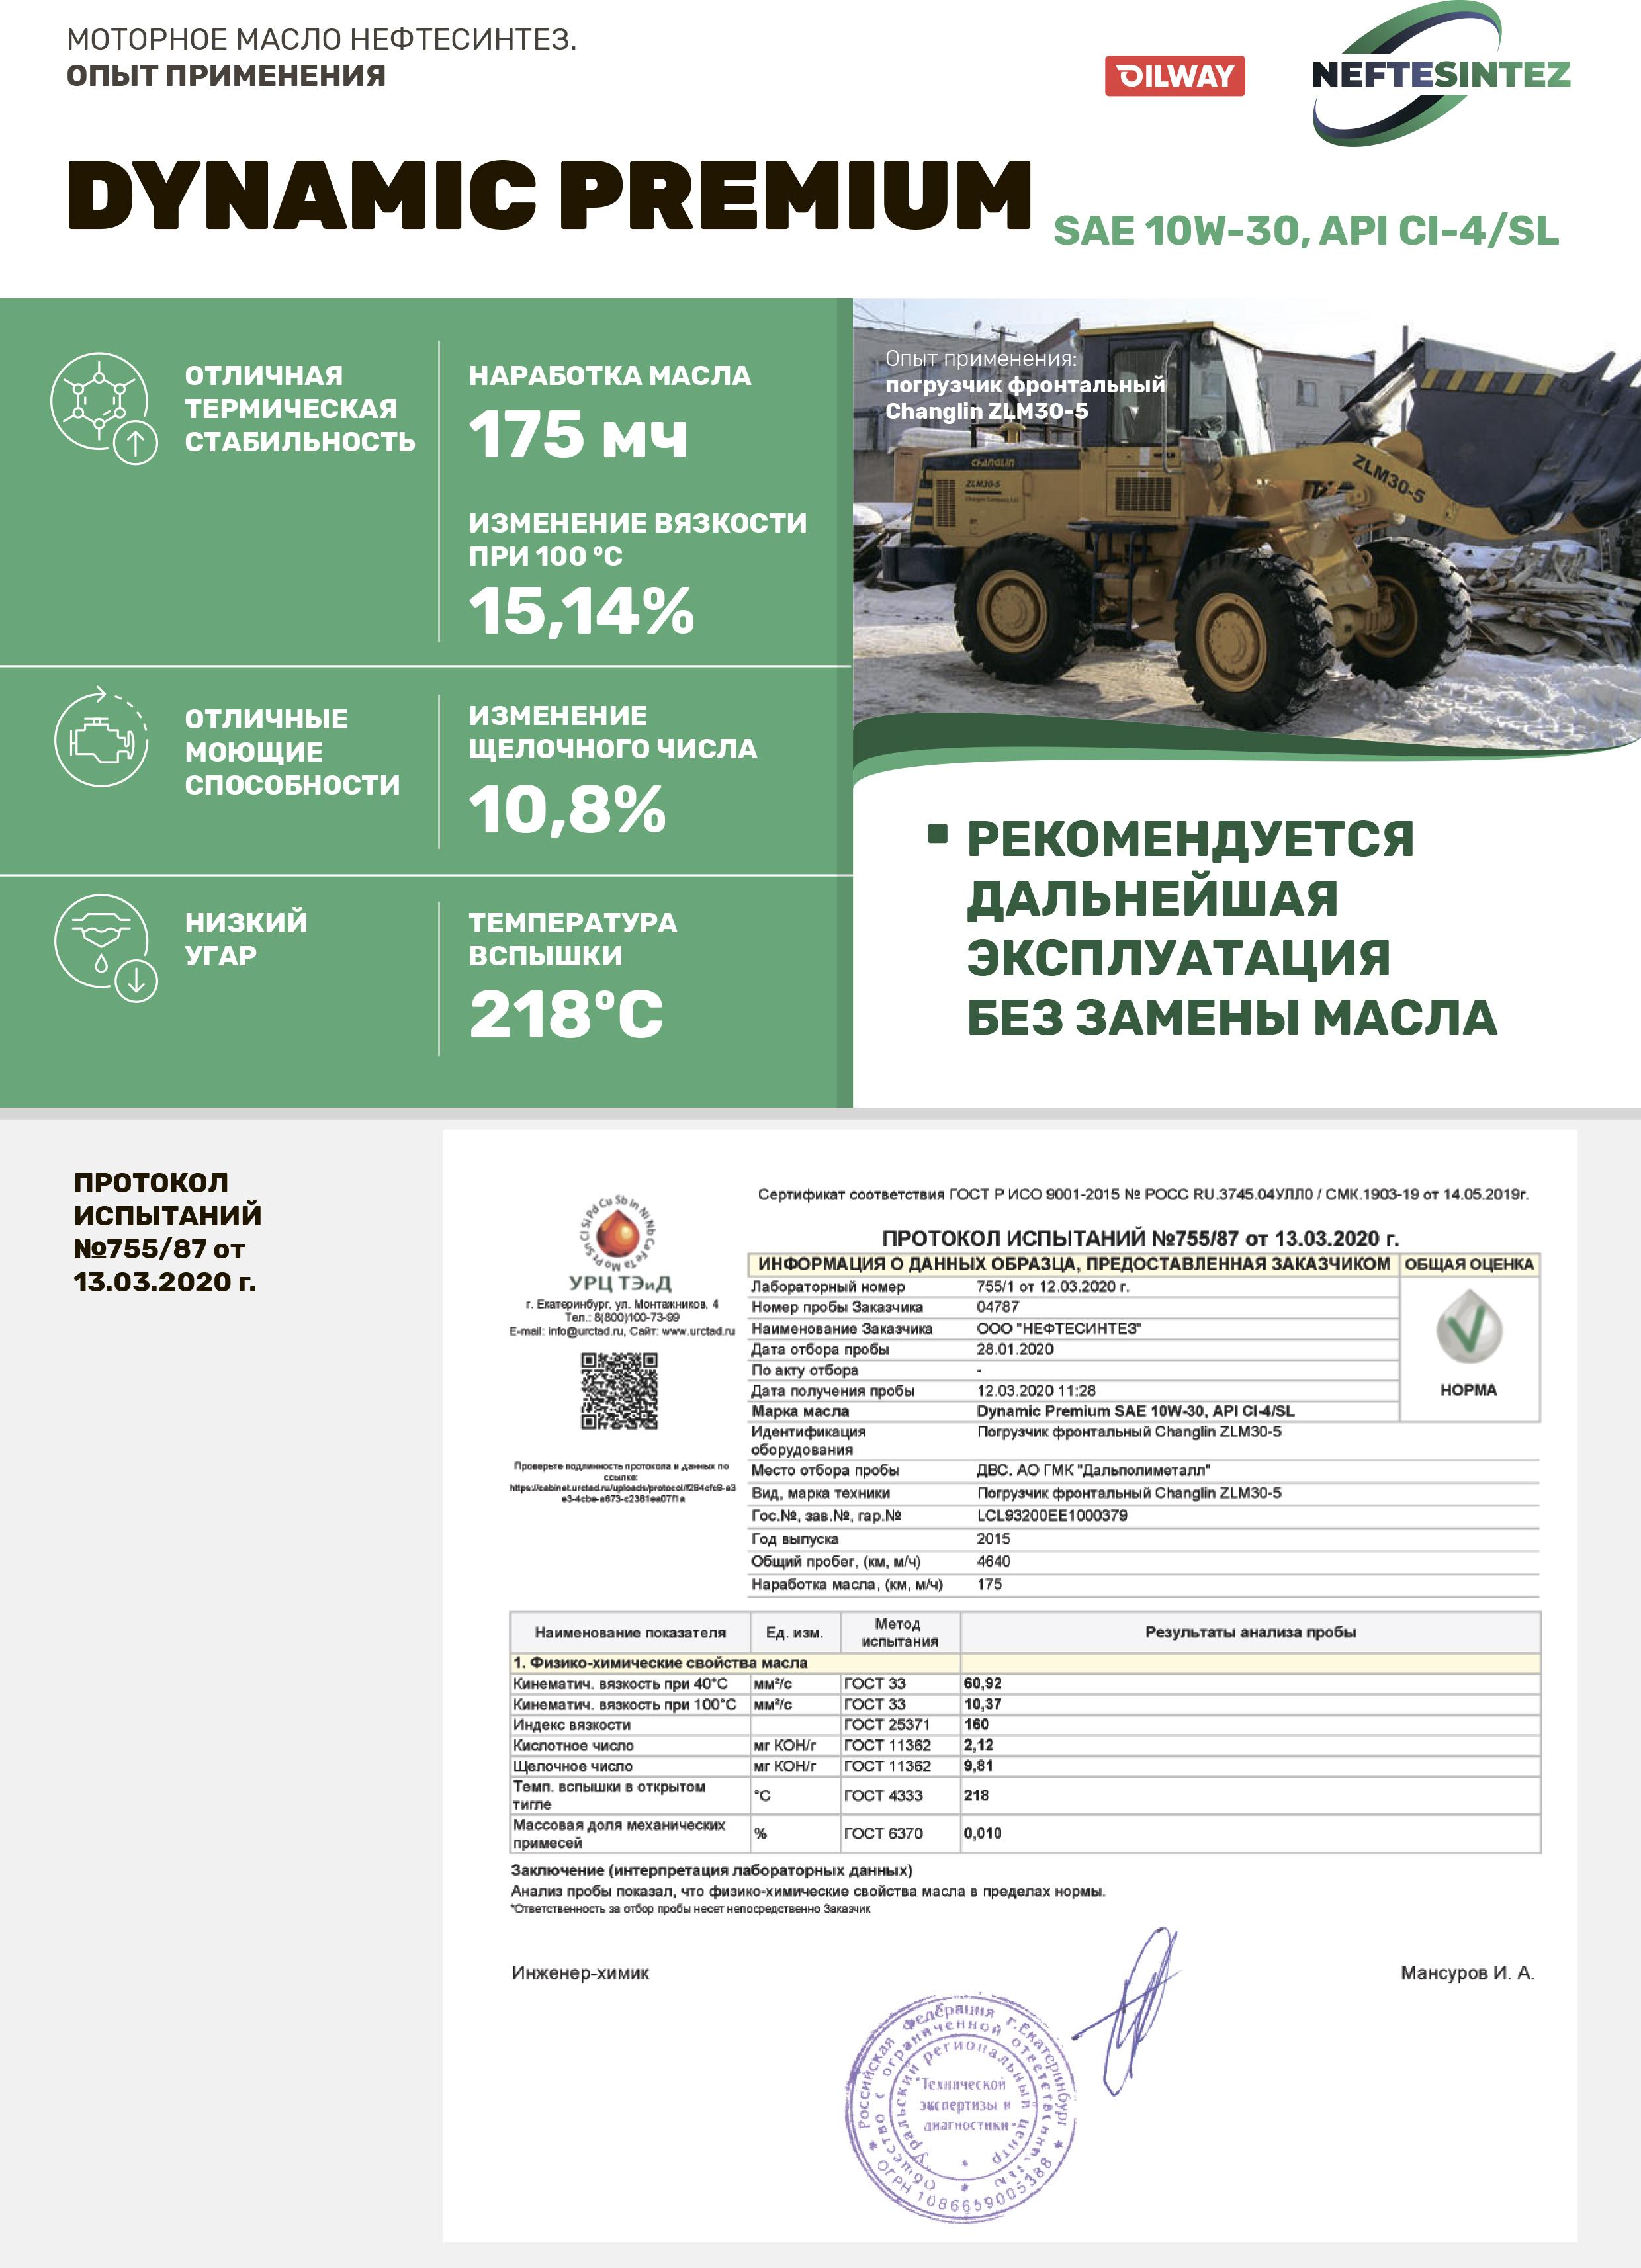 Dynamic Premium 10W-30 (погрузчик фронта